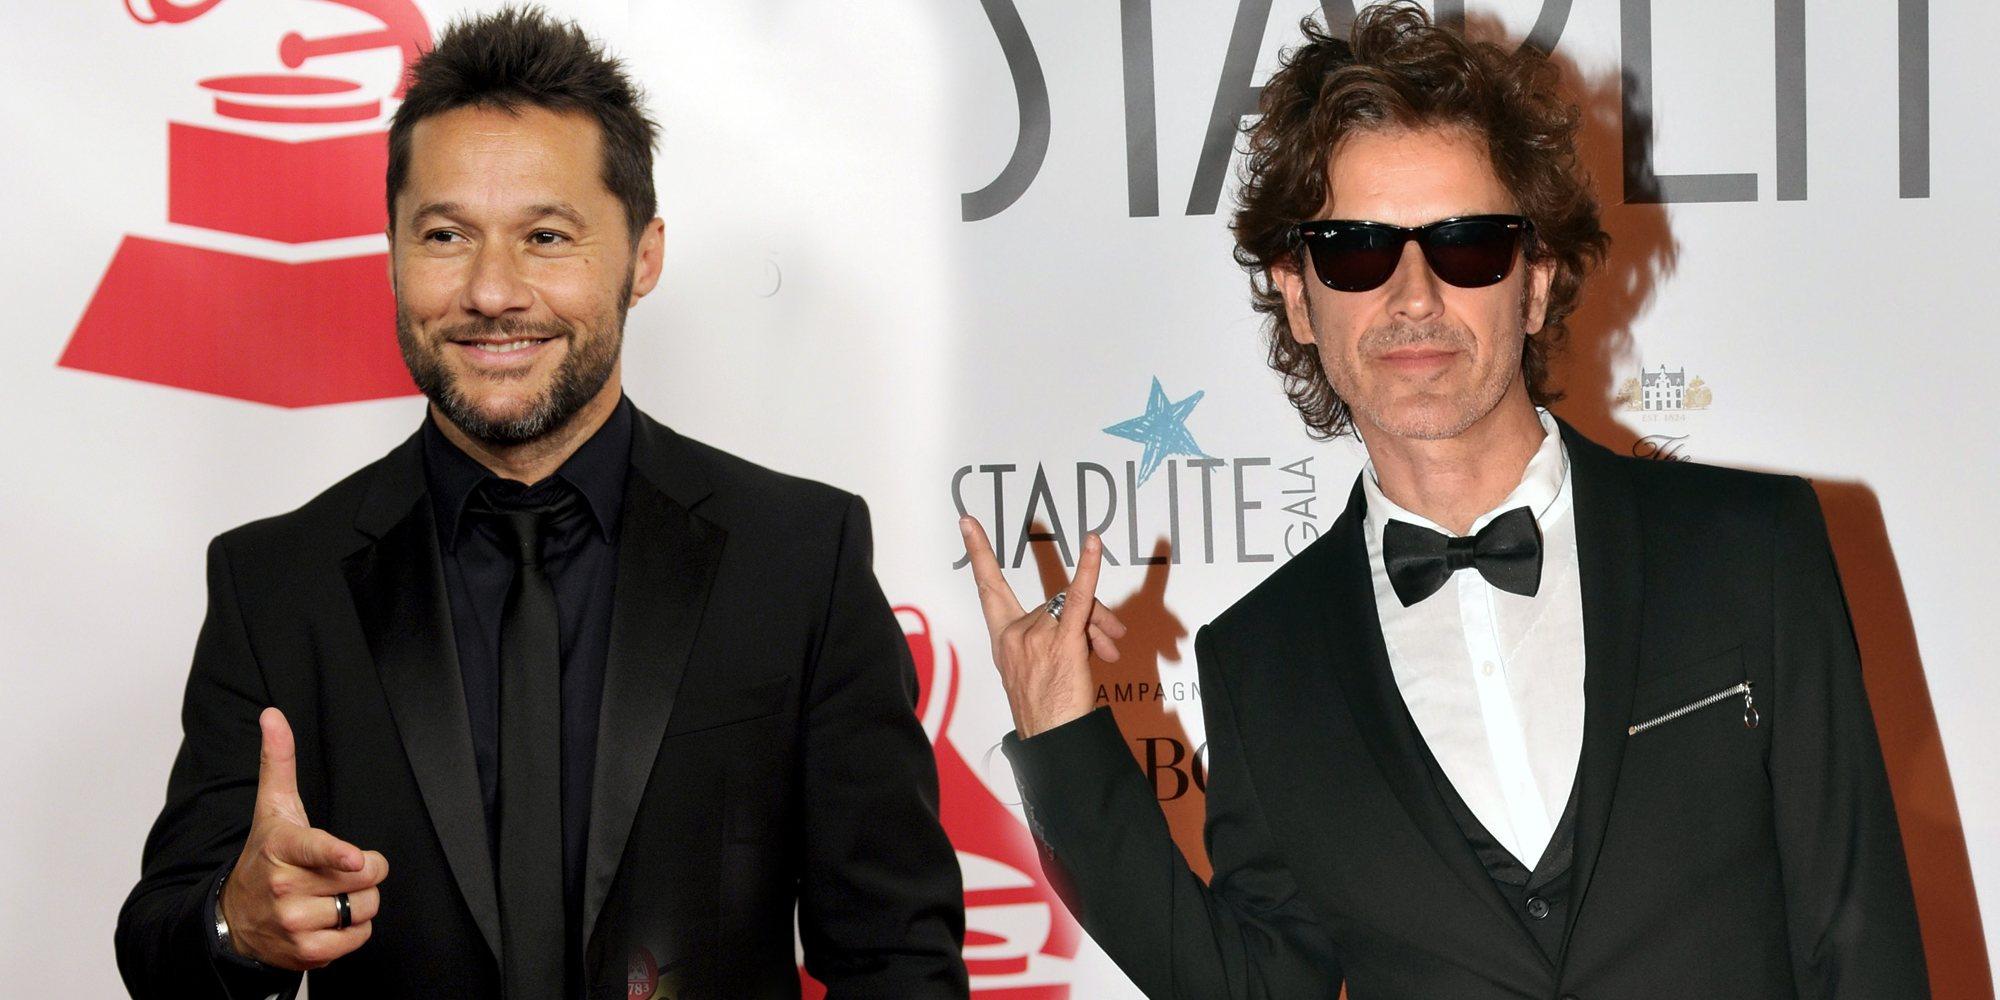 Enemigos Íntimos: Coti y Diego Torres, dos cantantes enfrentados por la autoría de 'Color esperanza'